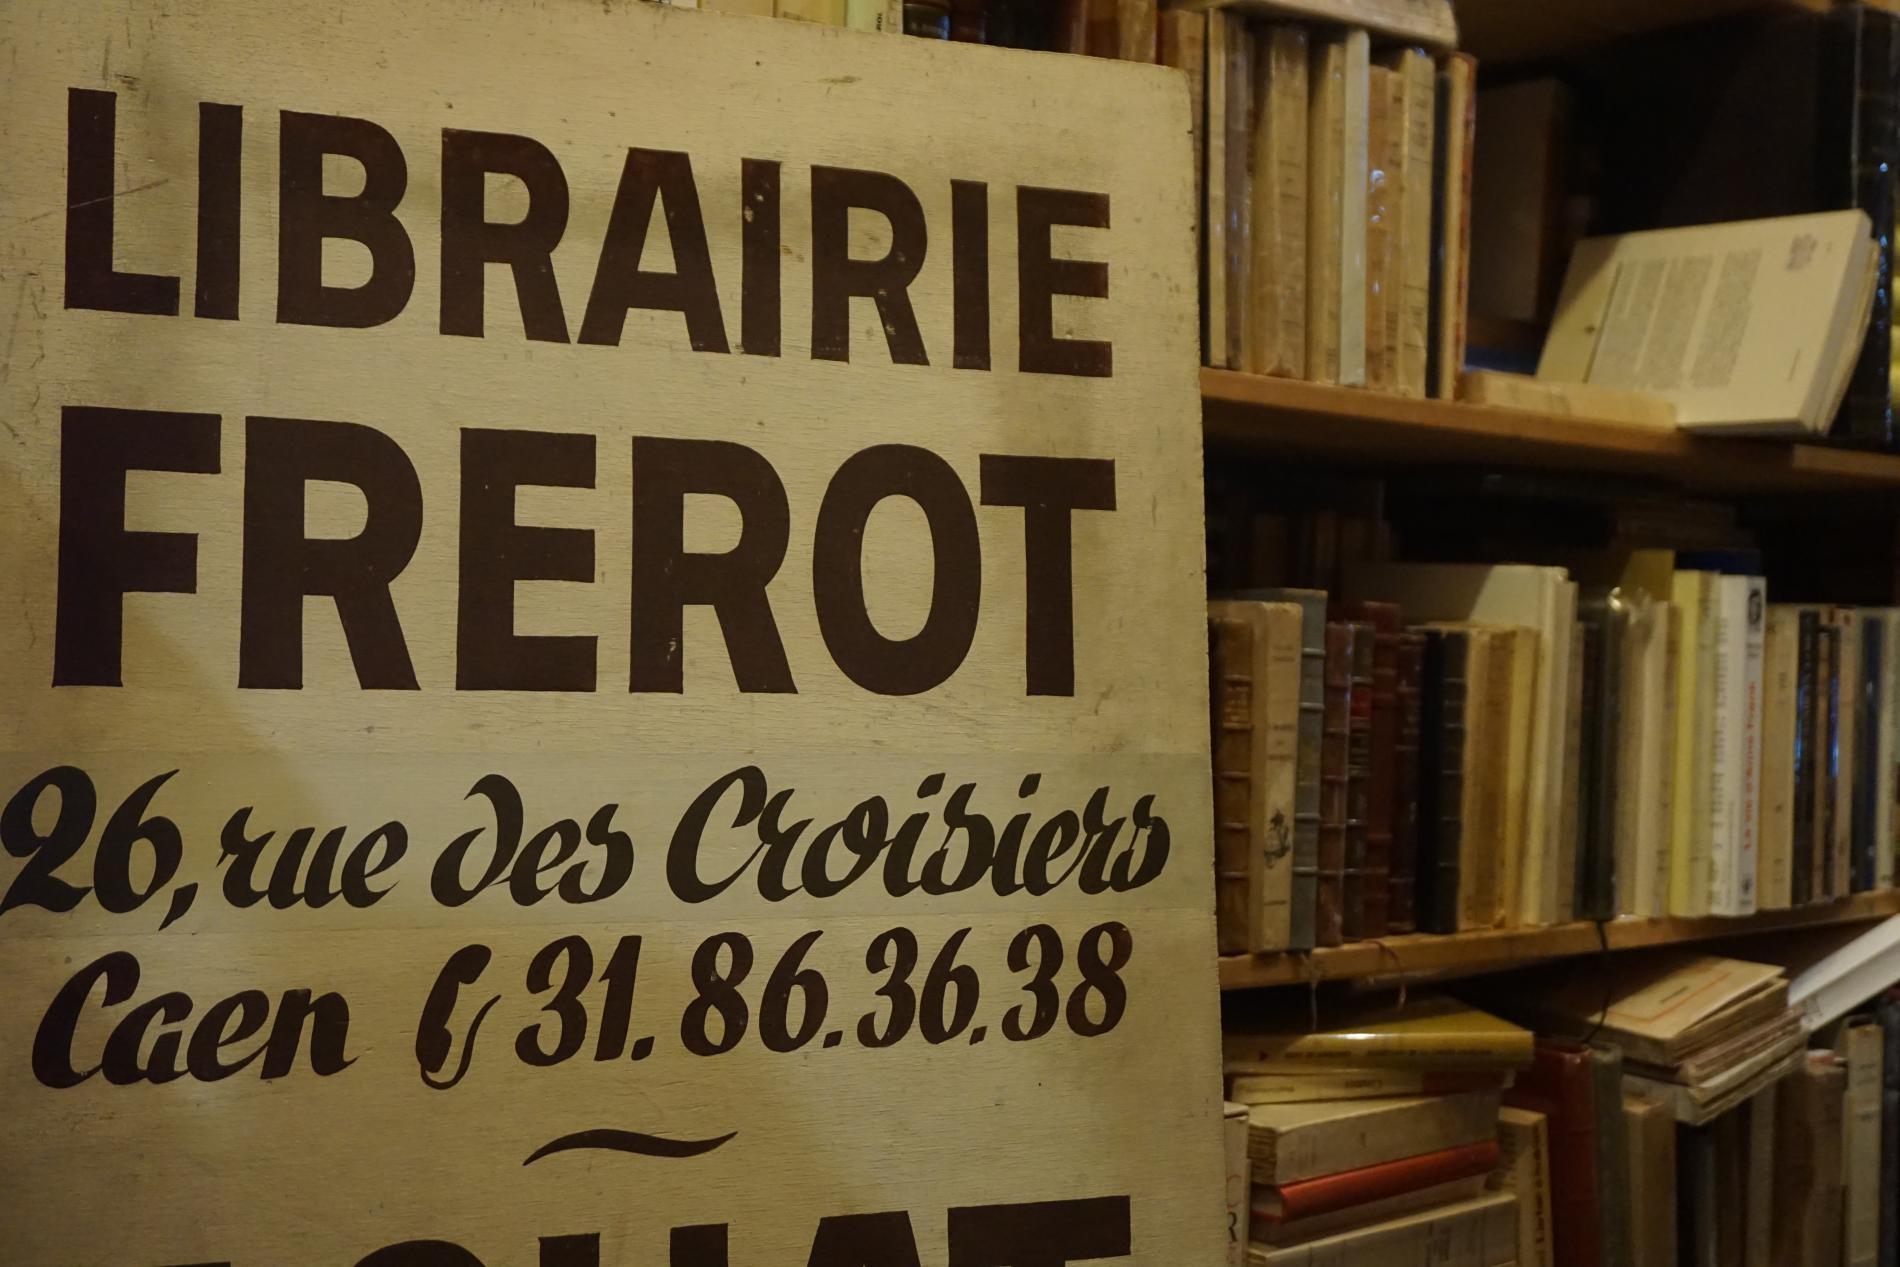 Librairie FREROT